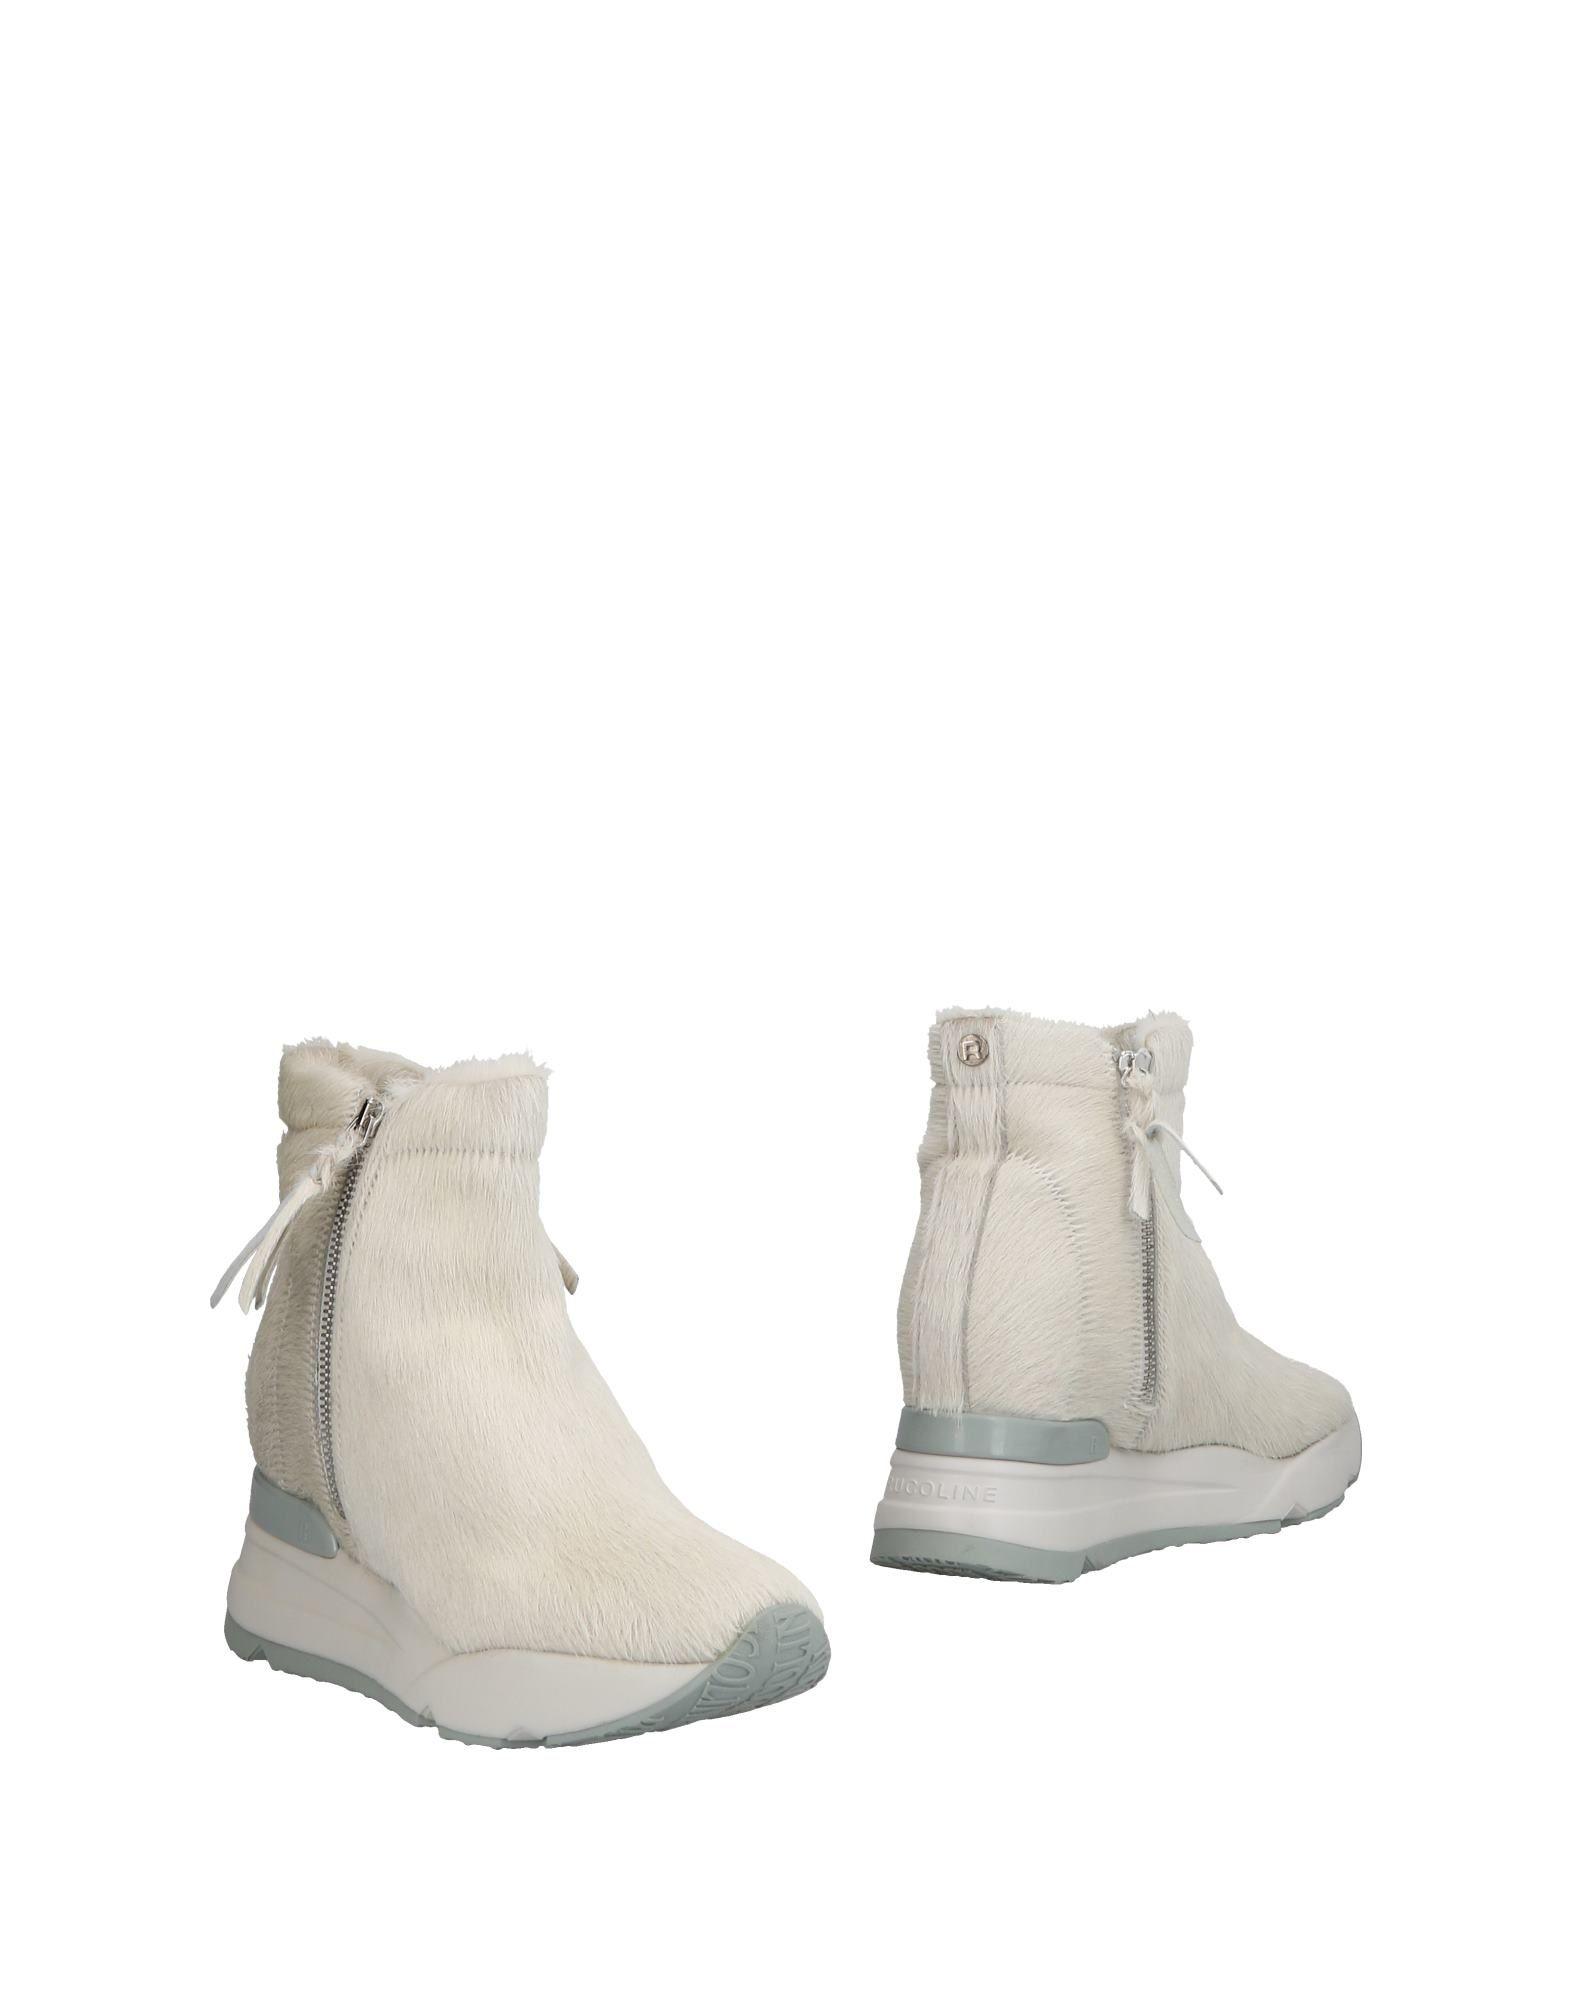 Ruco Schuhe Line Stiefelette Damen  11506507UJ Neue Schuhe Ruco b496a4